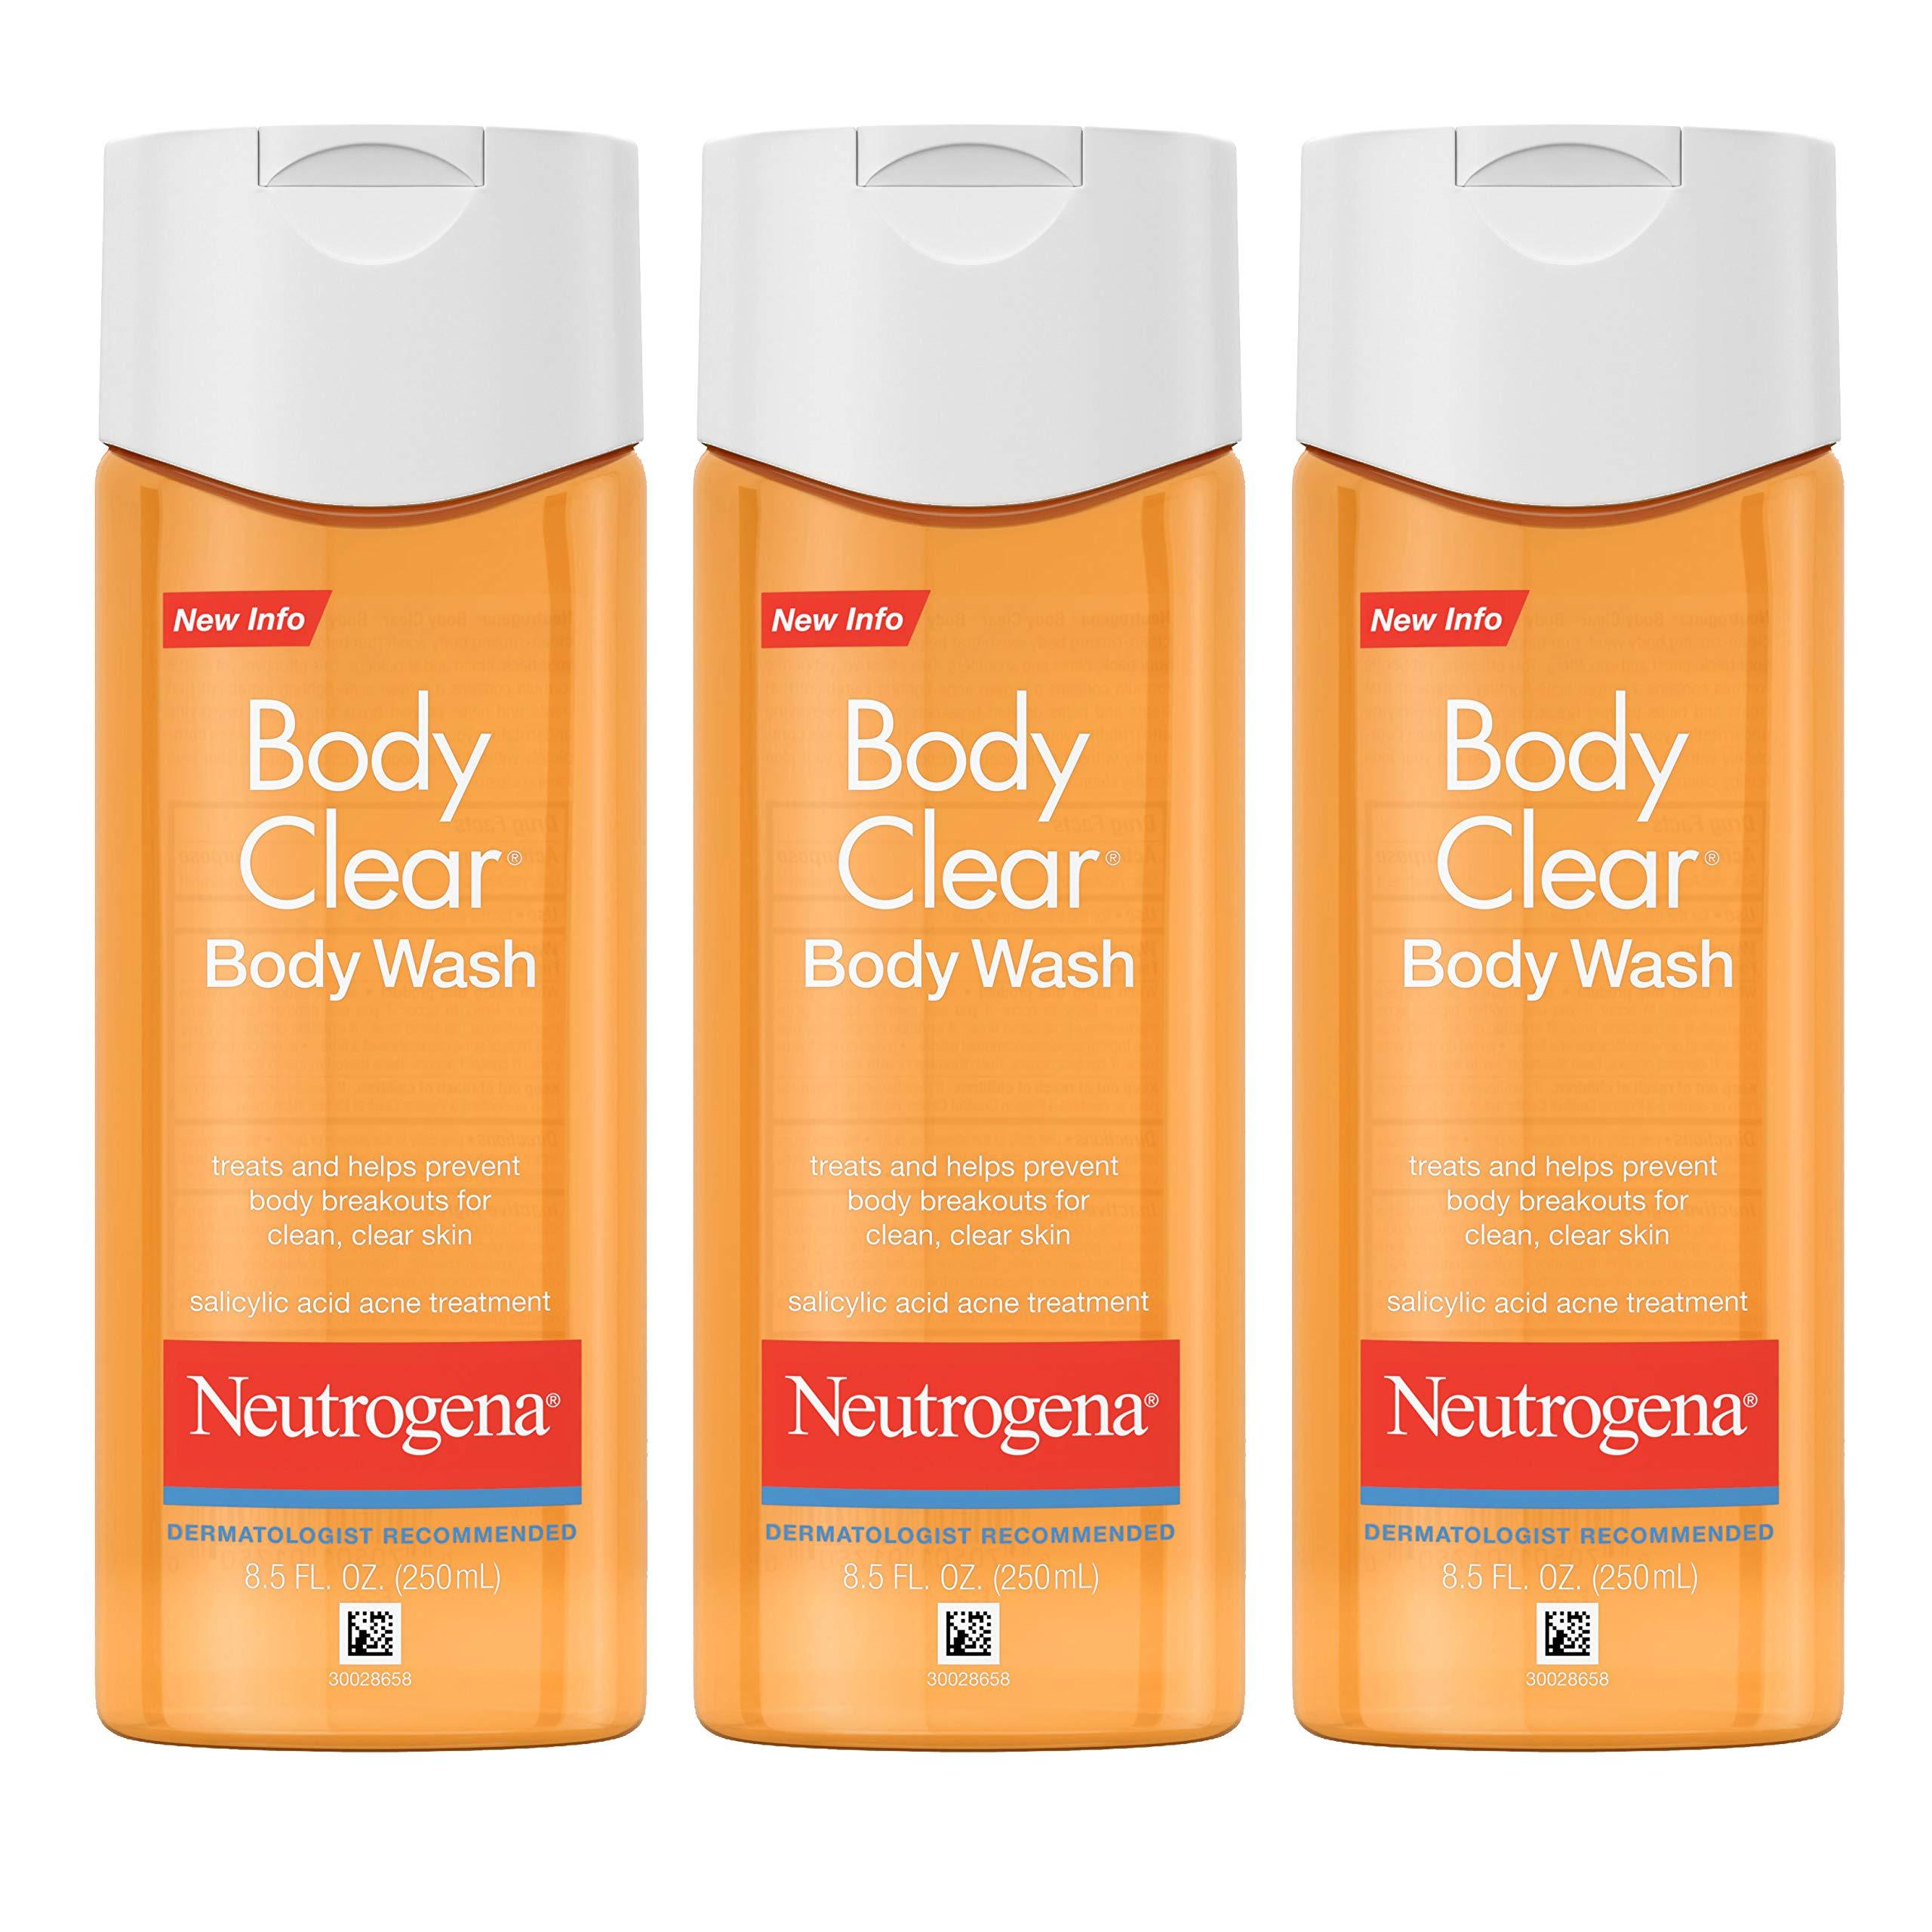 Neutrogena Body Clear Acne Body Wash with Glycerin & Salicylic Acid Acne Medicine for Acne-Prone Skin, Non-Comedogenic, 8.5 fl. oz (Pack of 6) by Neutrogena (Image #1)